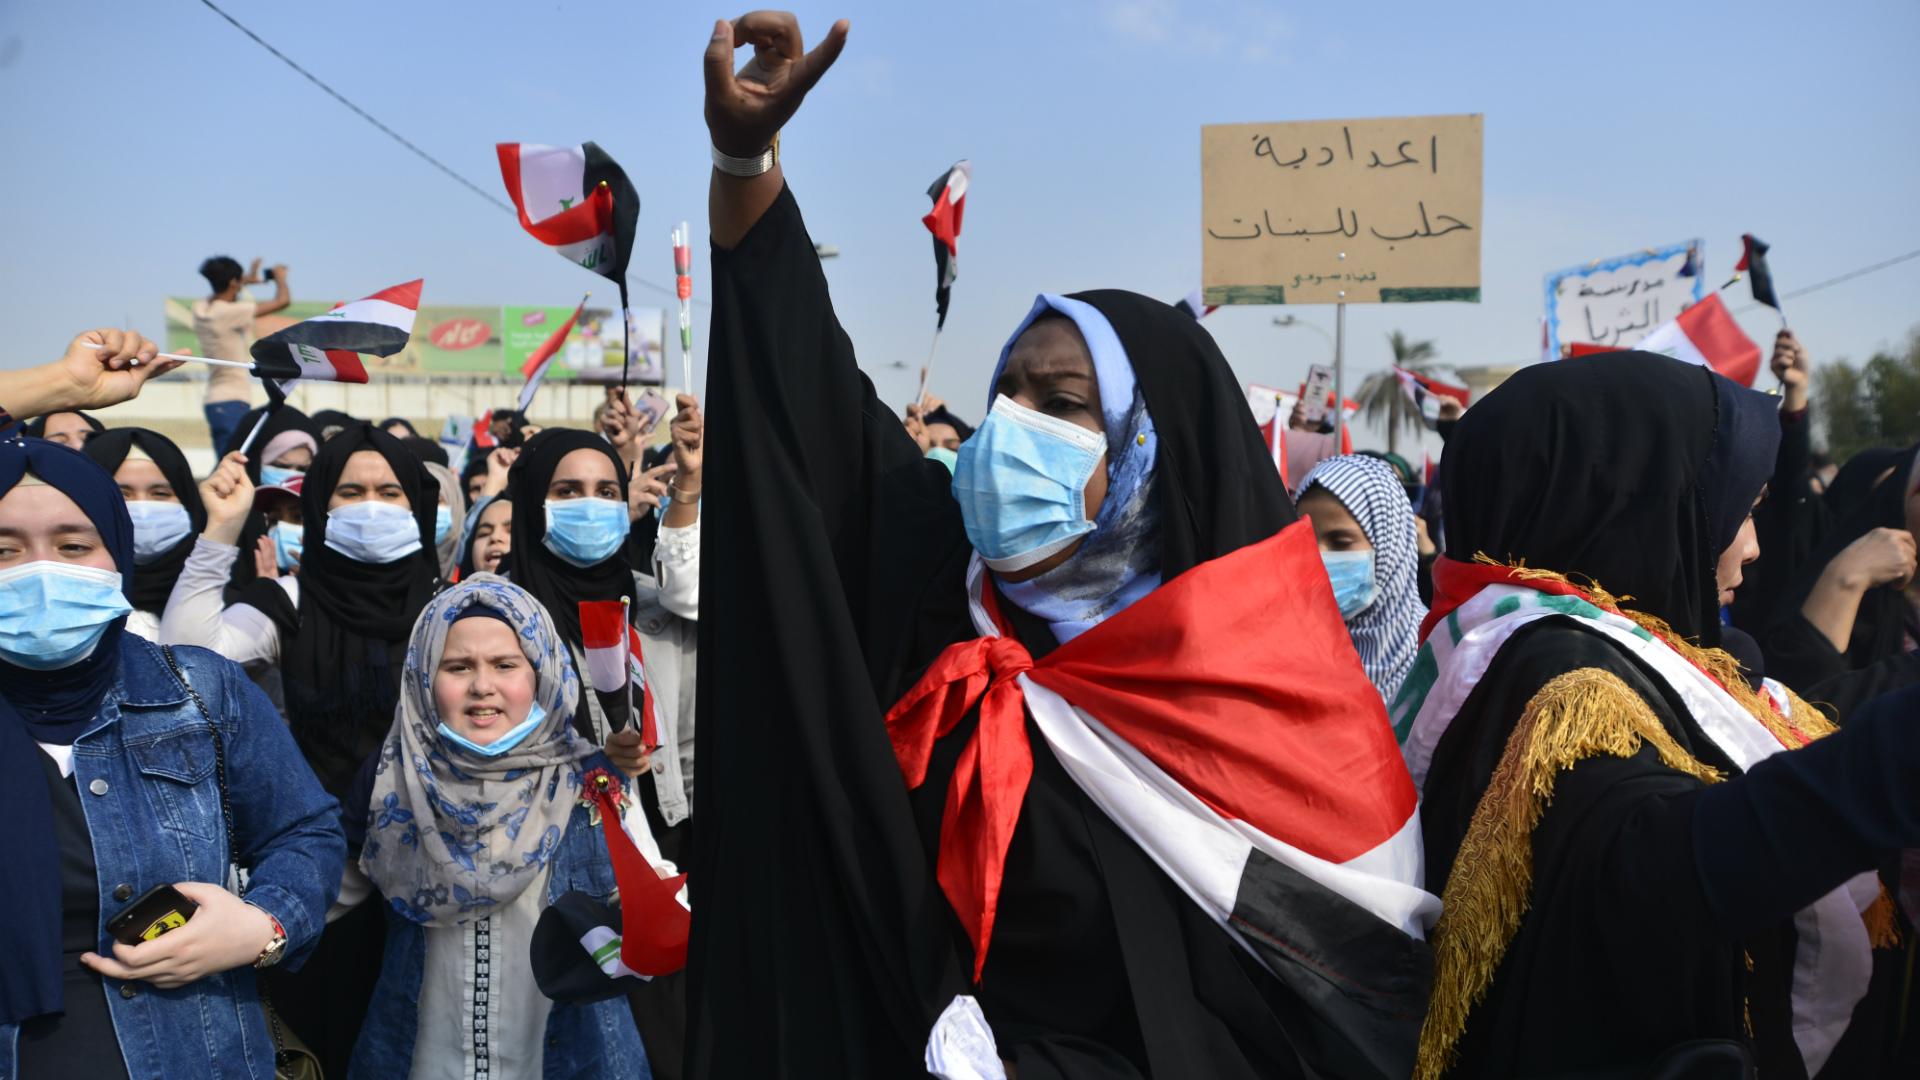 مشاركة الآلاف في إضراب عام في بغداد ومحافظات الجنوب